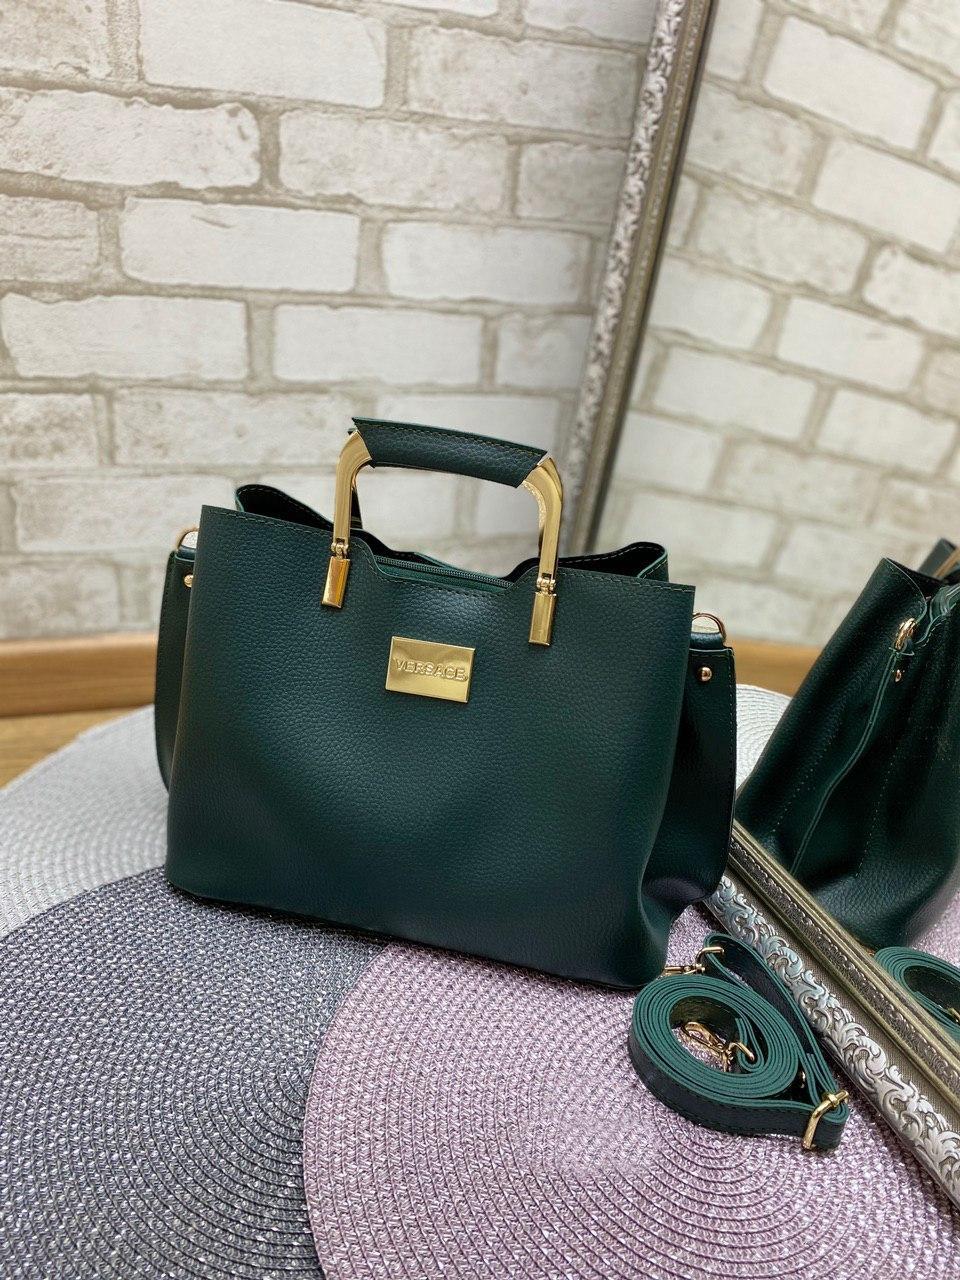 Зеленая женская сумка модная с квадратными ручками небольшая на плечо шоппер кожзам